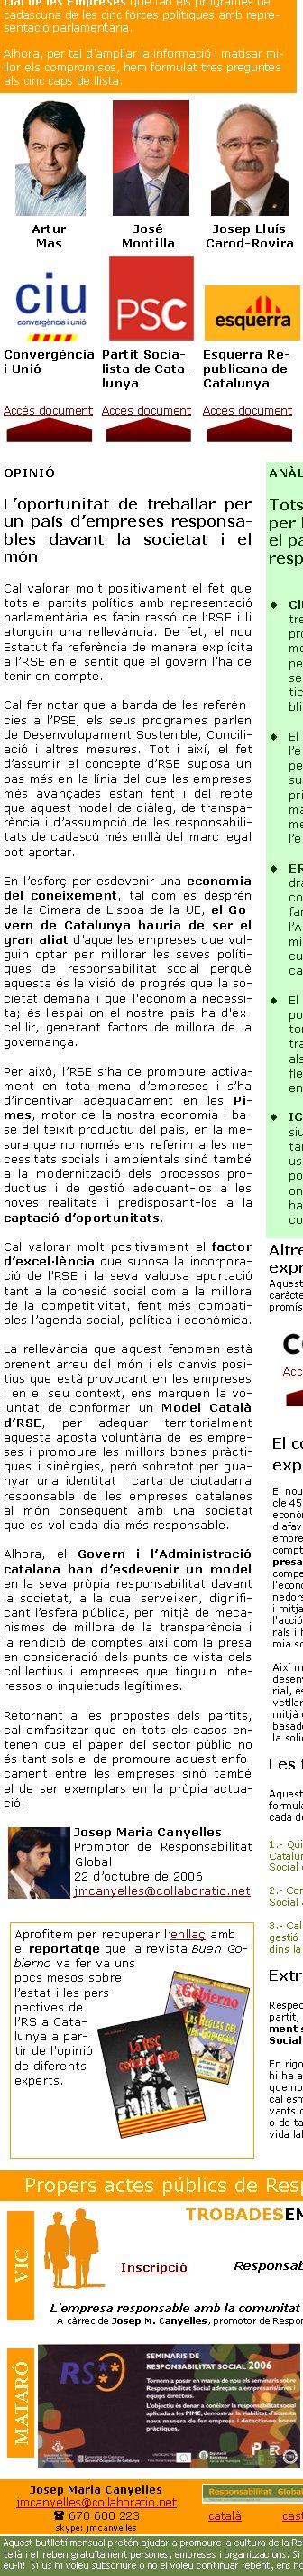 """Amb motiu de les Eleccions al Parlament de Catalunya que tindran lloc el dimecres 1 de novembre de 2006, Responsabilitat Global ha volgut recollit les aportacions en matèria de Responsabilitat Social de les Empreses que fan els programes de cadascuna de les cinc forces polítiques amb representació parlamentària.Alhora, per tal d'ampliar la informació i matisar millor els compromisos, hem formulat tres preguntes als cinc caps de llista. Les tres preguntesAquestes són les tres preguntes que els hem formulat i que podreu trobar íntegrament a cada document1.- Quin ha de ser el rol de la Generalitat de Catalunya en la promoció de la Responsabilitat Social de les Empreses?2.- Com afecta el concepte de Responsabilitat Social a la pròpia Administració Pública?3.- Caldria preveure alguna unitat o model de gestió per a fer-se càrrec d'aquestes polítiques dins la Generalitat de Catalunya?Artur MasJosé MontillaJosep Lluís Carod-RoviraJosep PiquéJoan SauraConvergència i UnióPartit Socialista de CatalunyaEsquerra Republicana de CatalunyaPartit Popular de CatalunyaIniciativa per Catalunya -Verds - EuiaAccés documentAccés documentAccés documentAccés documentAccés documentEl concepte d'RSE apareix explícitament a l'EstatutEl nou Estatut de Catalunya, en el seu article 45.5, on es refereix al Desenvolupament econòmic, estableix que """"La Generalitat ha d'afavorir el desenvolupament de l'activitat empresarial i l'esperit emprenedor tenint en compte la responsabilitat social de l'empresa, la lliure iniciativa i les condicions de competència, i ha de protegir especialment l'economia productiva, l'activitat dels emprenedors autònoms i la de les empreses petites i mitjanes. La Generalitat ha de fomentar l'acció de les cooperatives i les societats laborals i ha d'estimular les iniciatives de l'economia social"""". Així mateix, a l'article 46.1, de Medi ambient, desenvolupament sostenible i equilibri territorial, estableix que """"Els poders públics han de vetllar per la protecció del medi ambient """